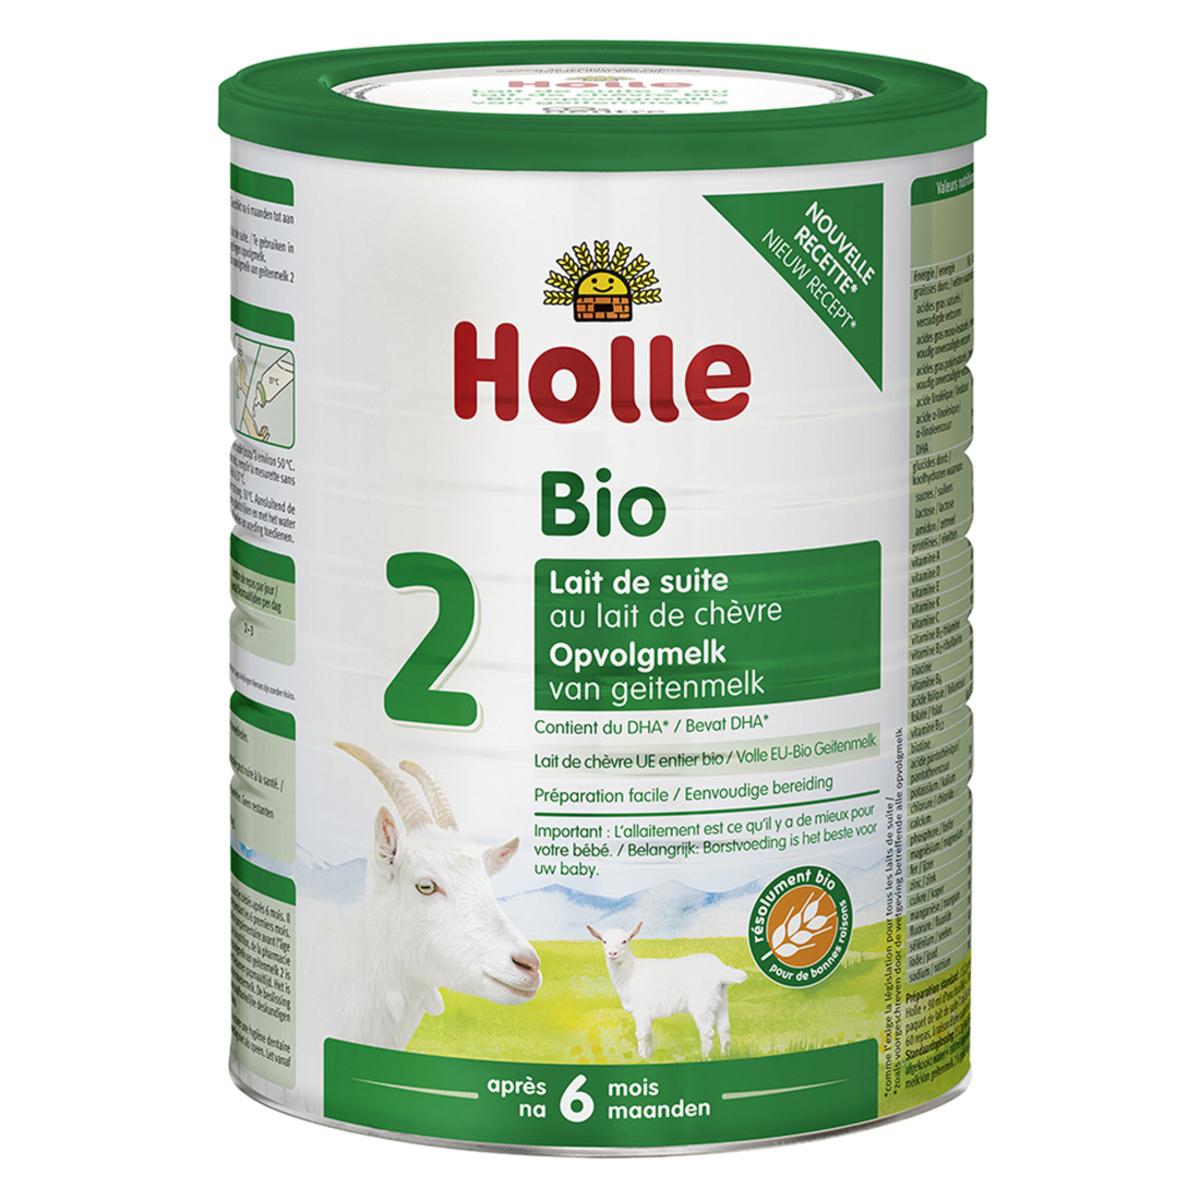 Lait bio Lait de Suite 2 Bio Chèvre - 800 g Lait de Suite 2 Bio Chèvre - 800 g